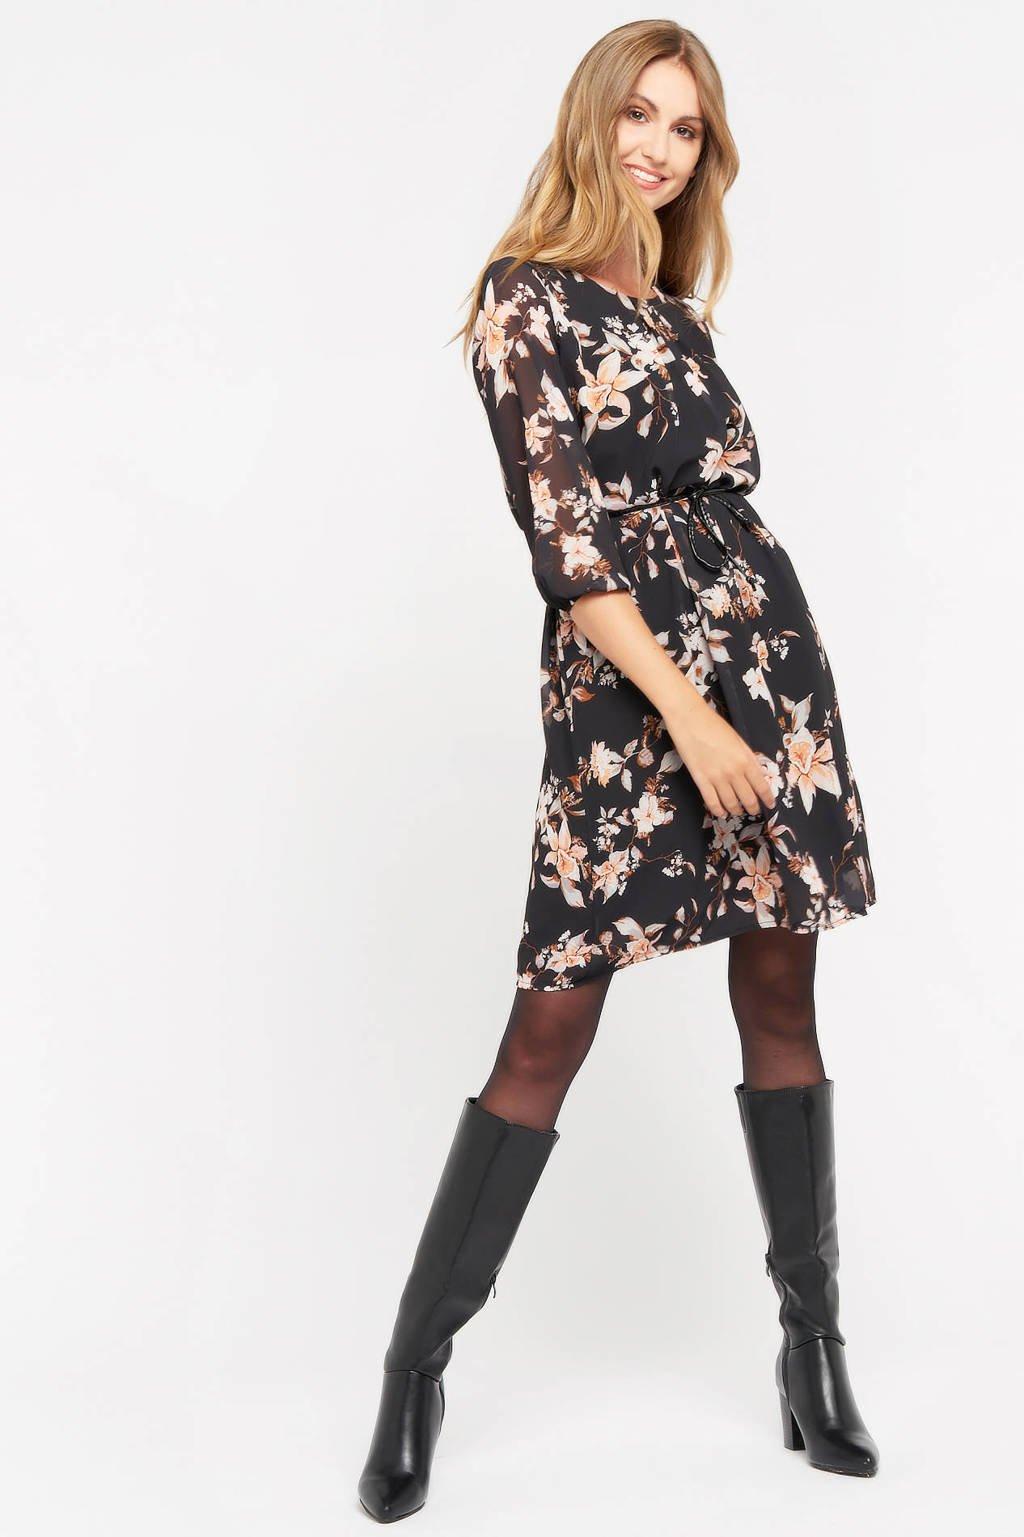 LOLALIZA gebloemde semi-transparante jurk zwart/créme, Zwart/Créme